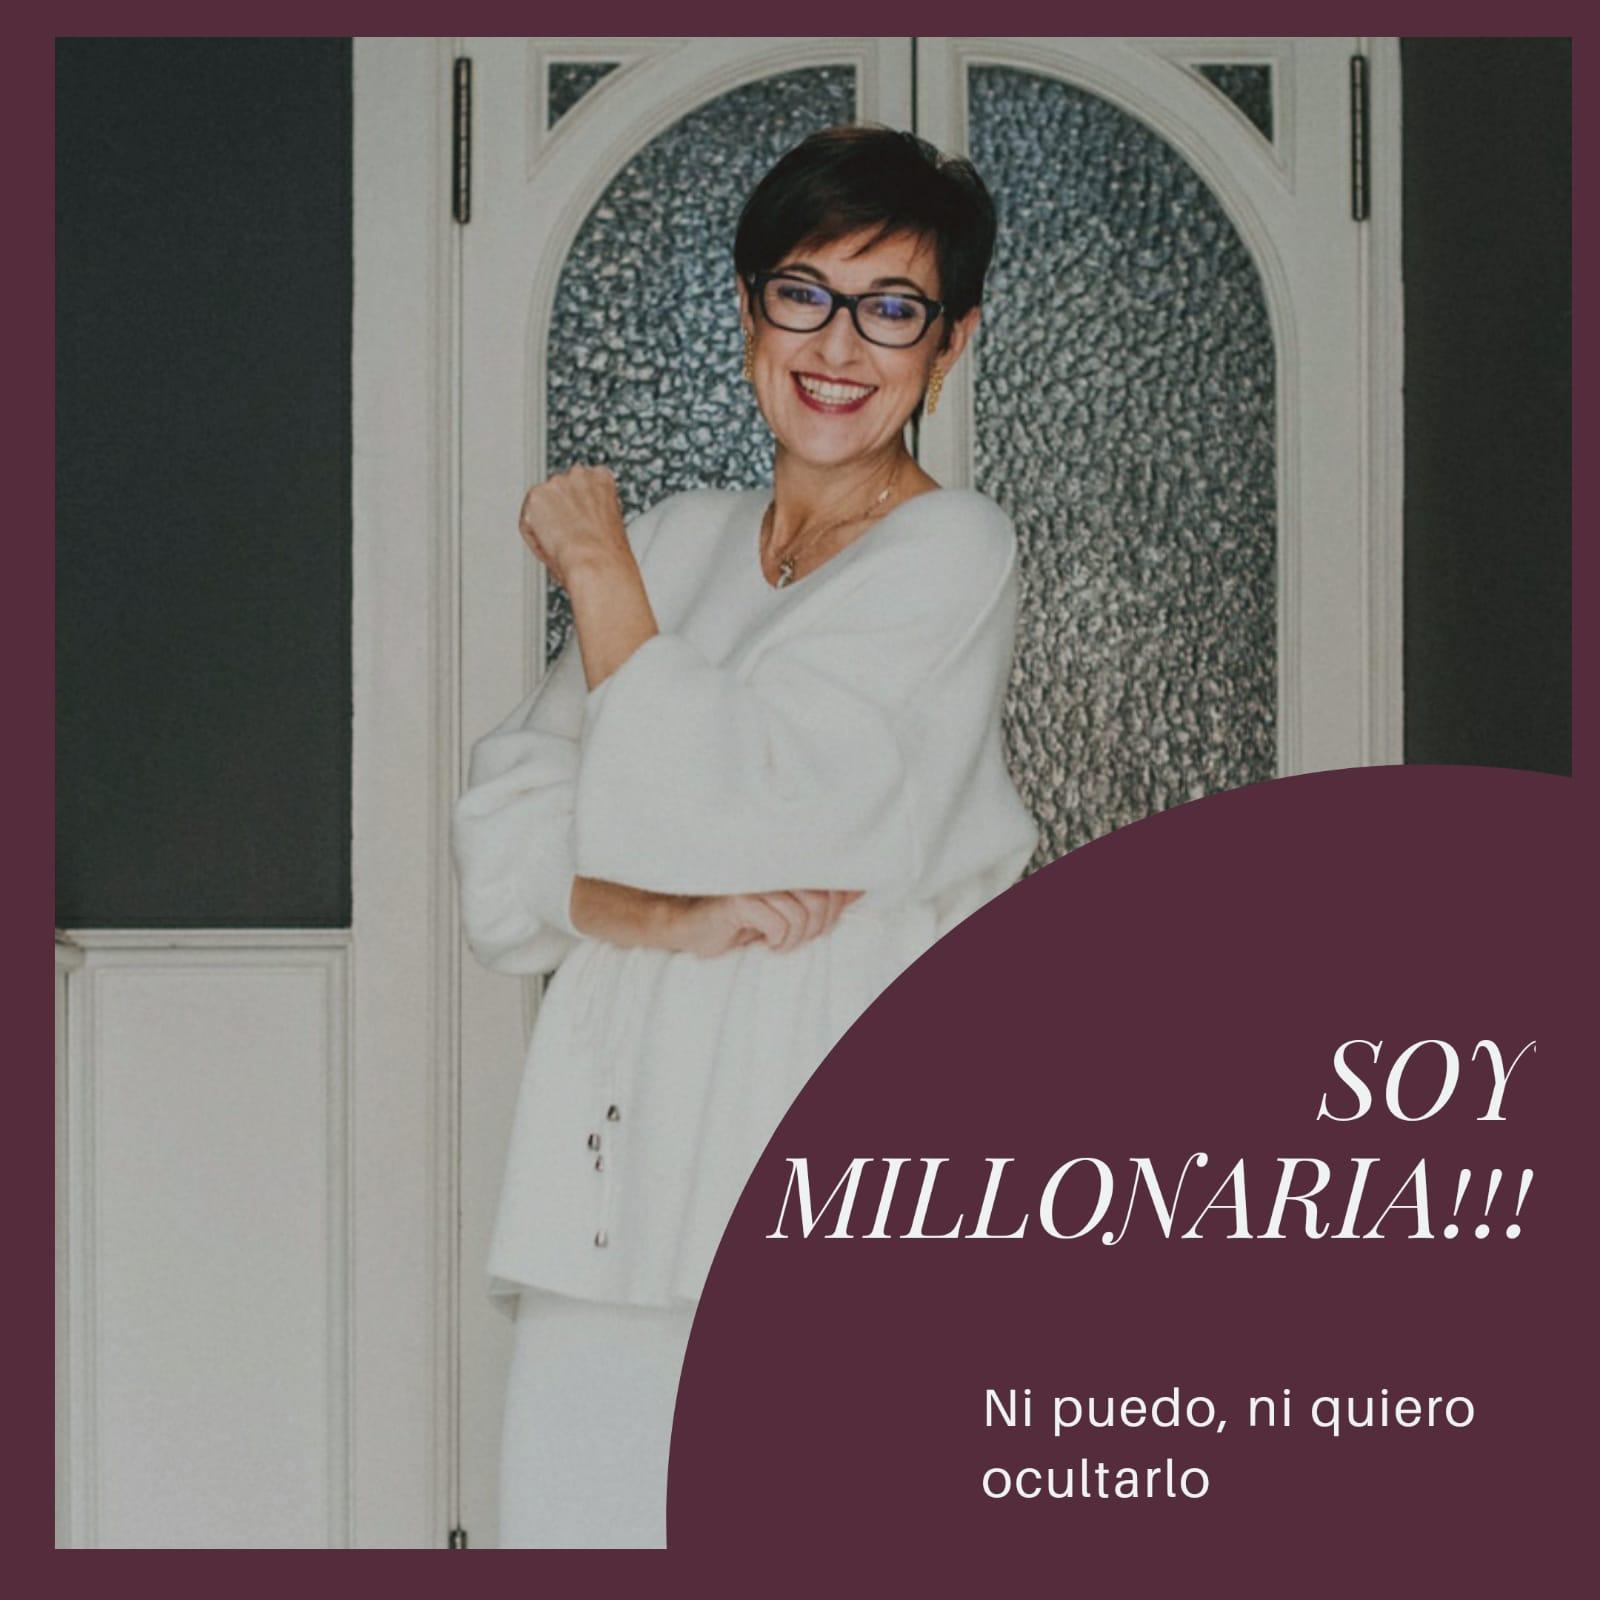 Soy millonaria!!! Ni puedo, ni quiero ocultarlo